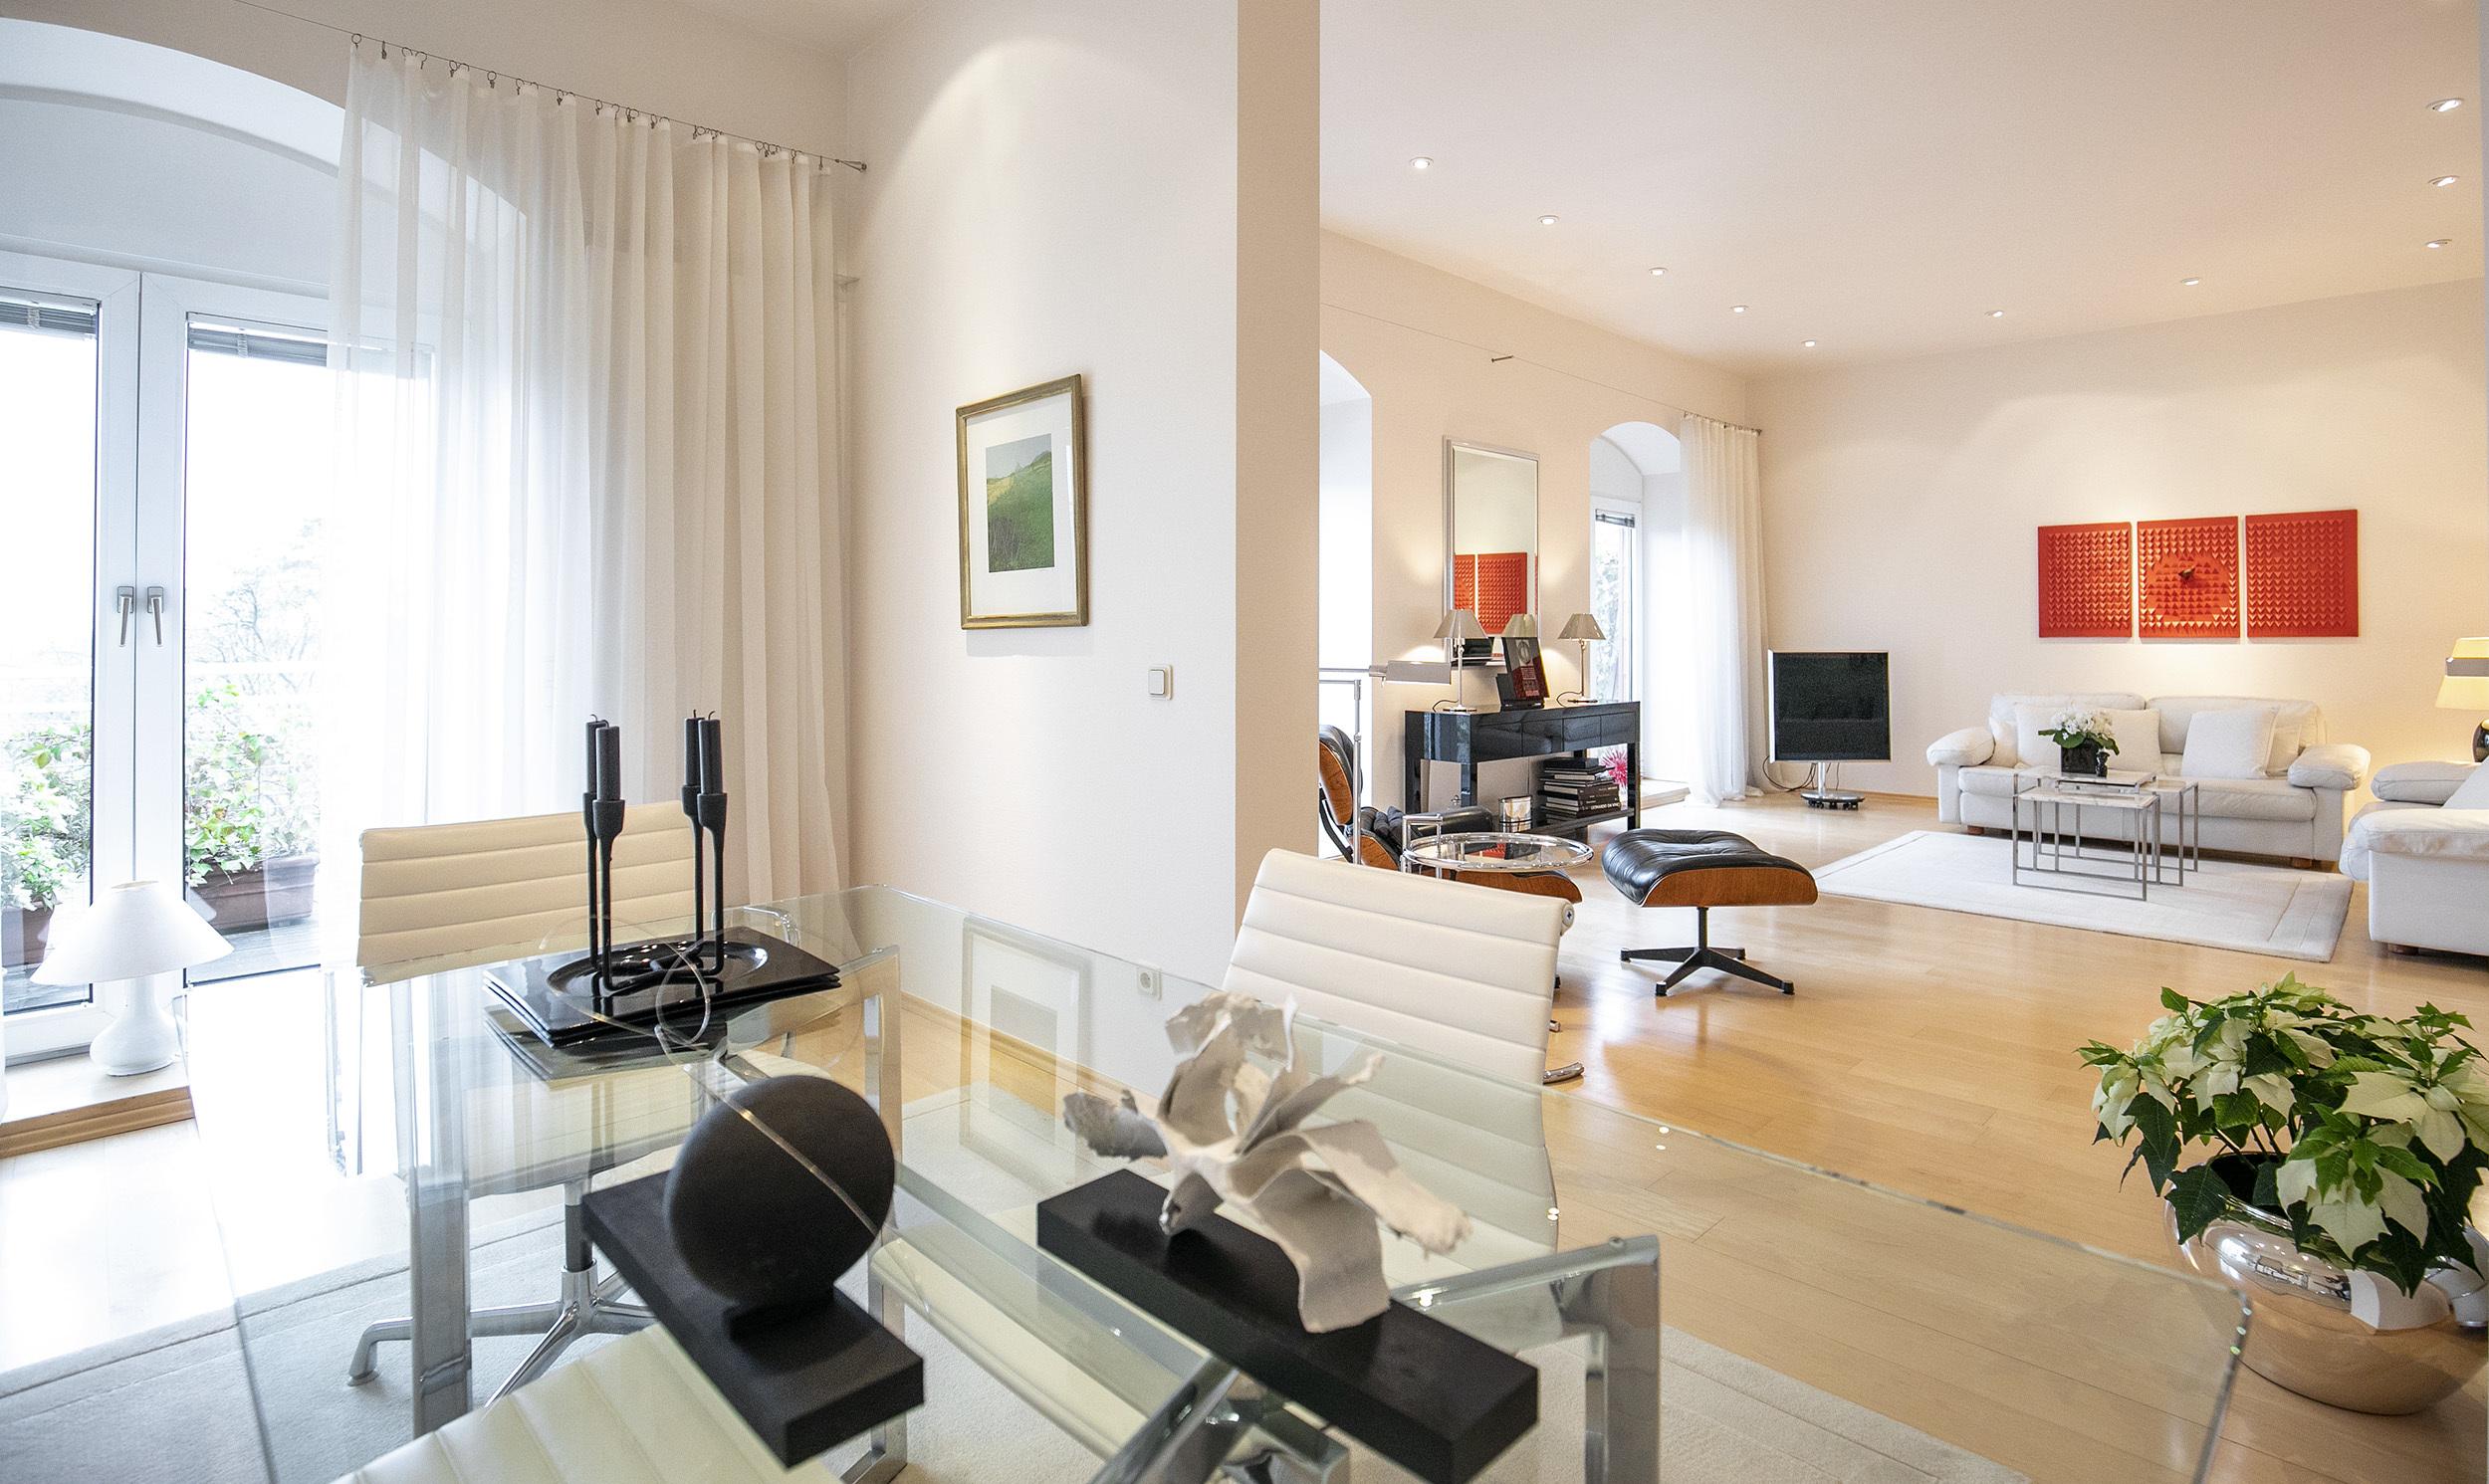 Verkauft! 4 Zimmer-Maisonette-Eigentumswohnung mit großer ...